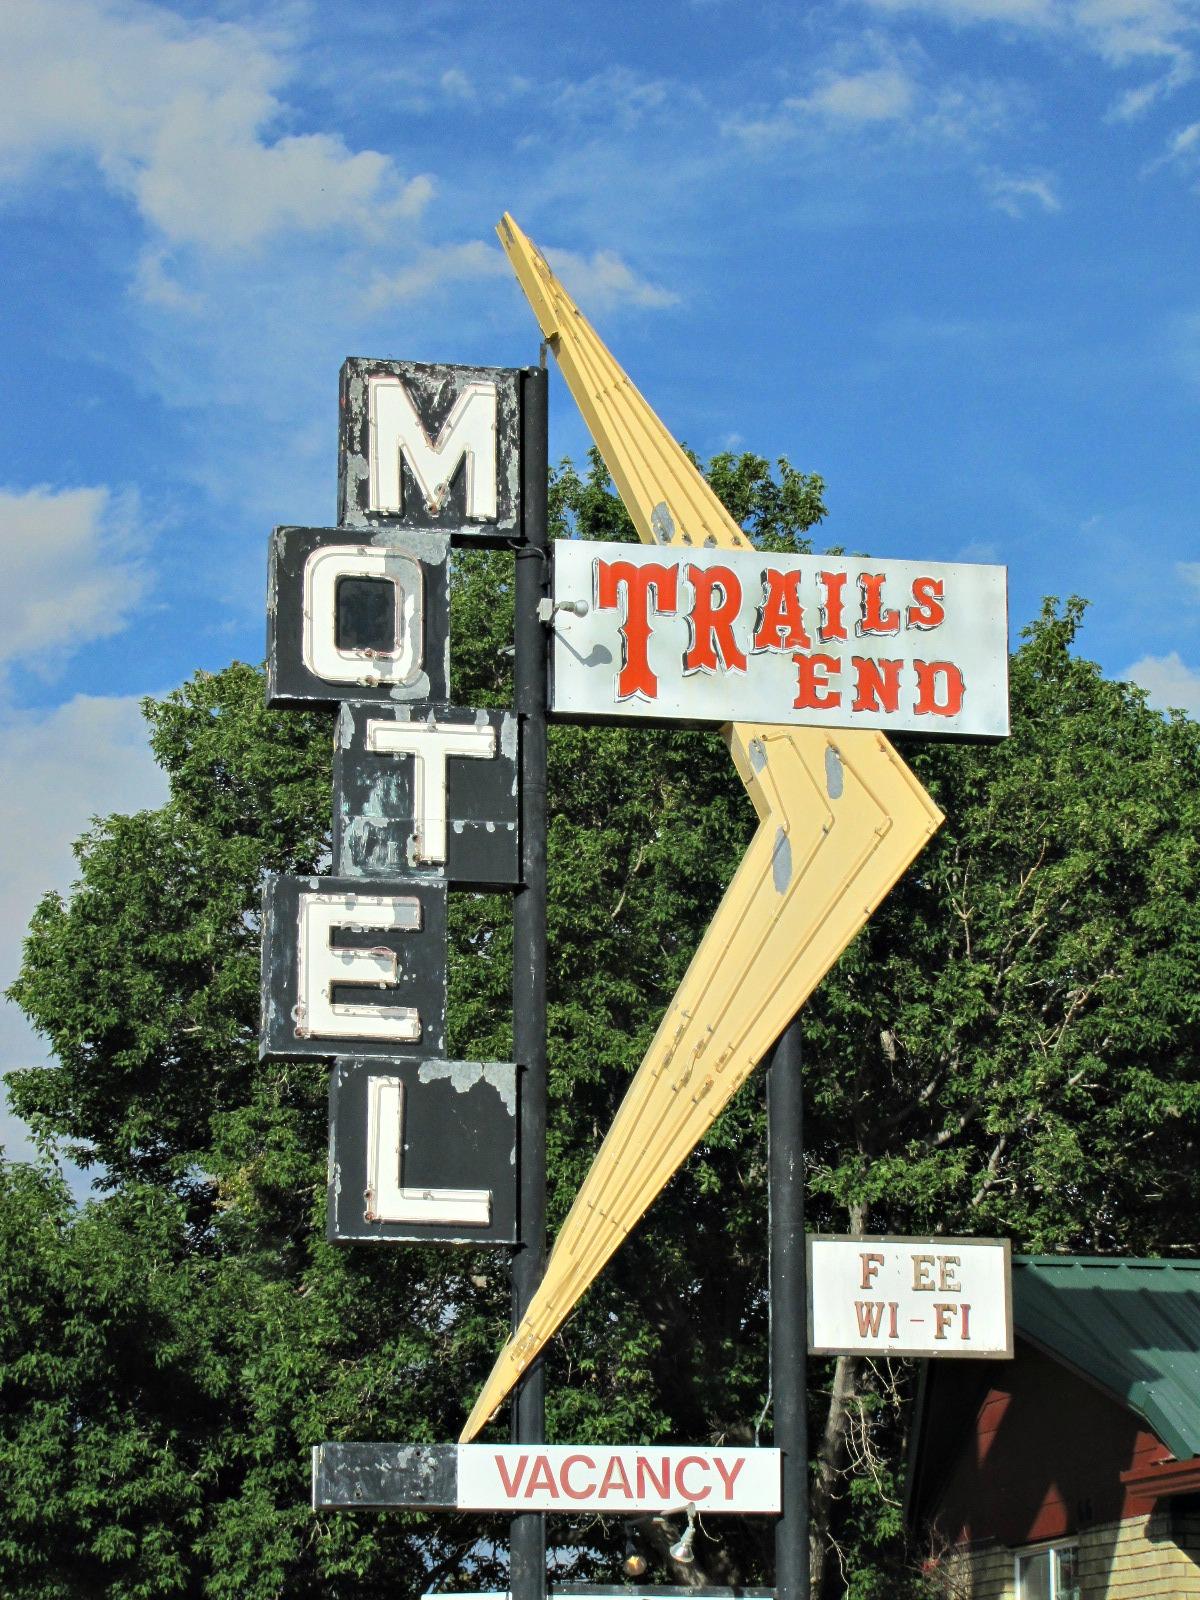 Trails End Motel - 616 East Main Street, Trinidad, Colorado U.S.A. - July 26, 2012